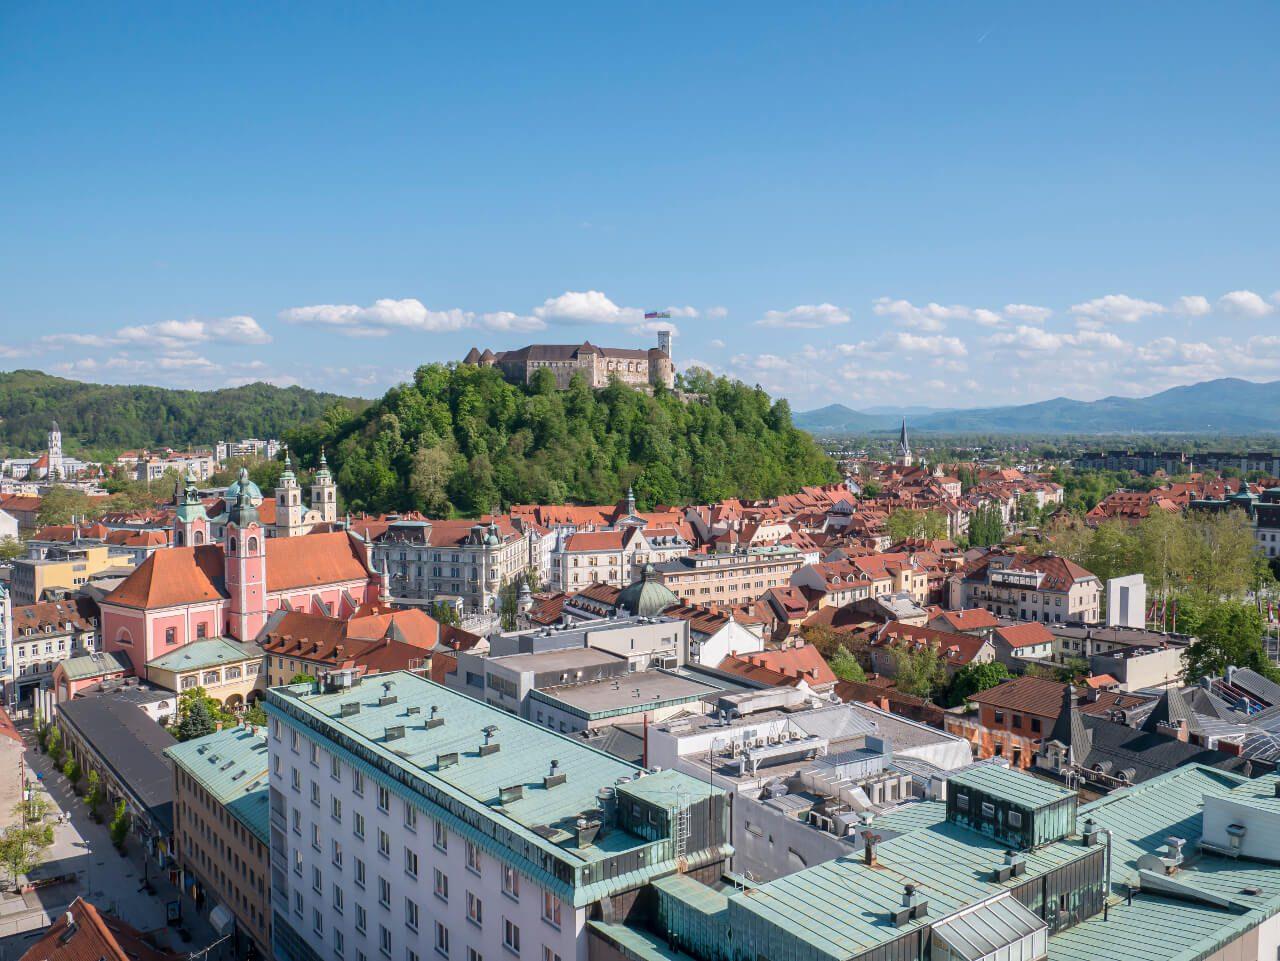 Co warto zobaczyć w Słowenii - Widok za Lublanę i zamek z restauracji w wieżowcu Nebotičnik